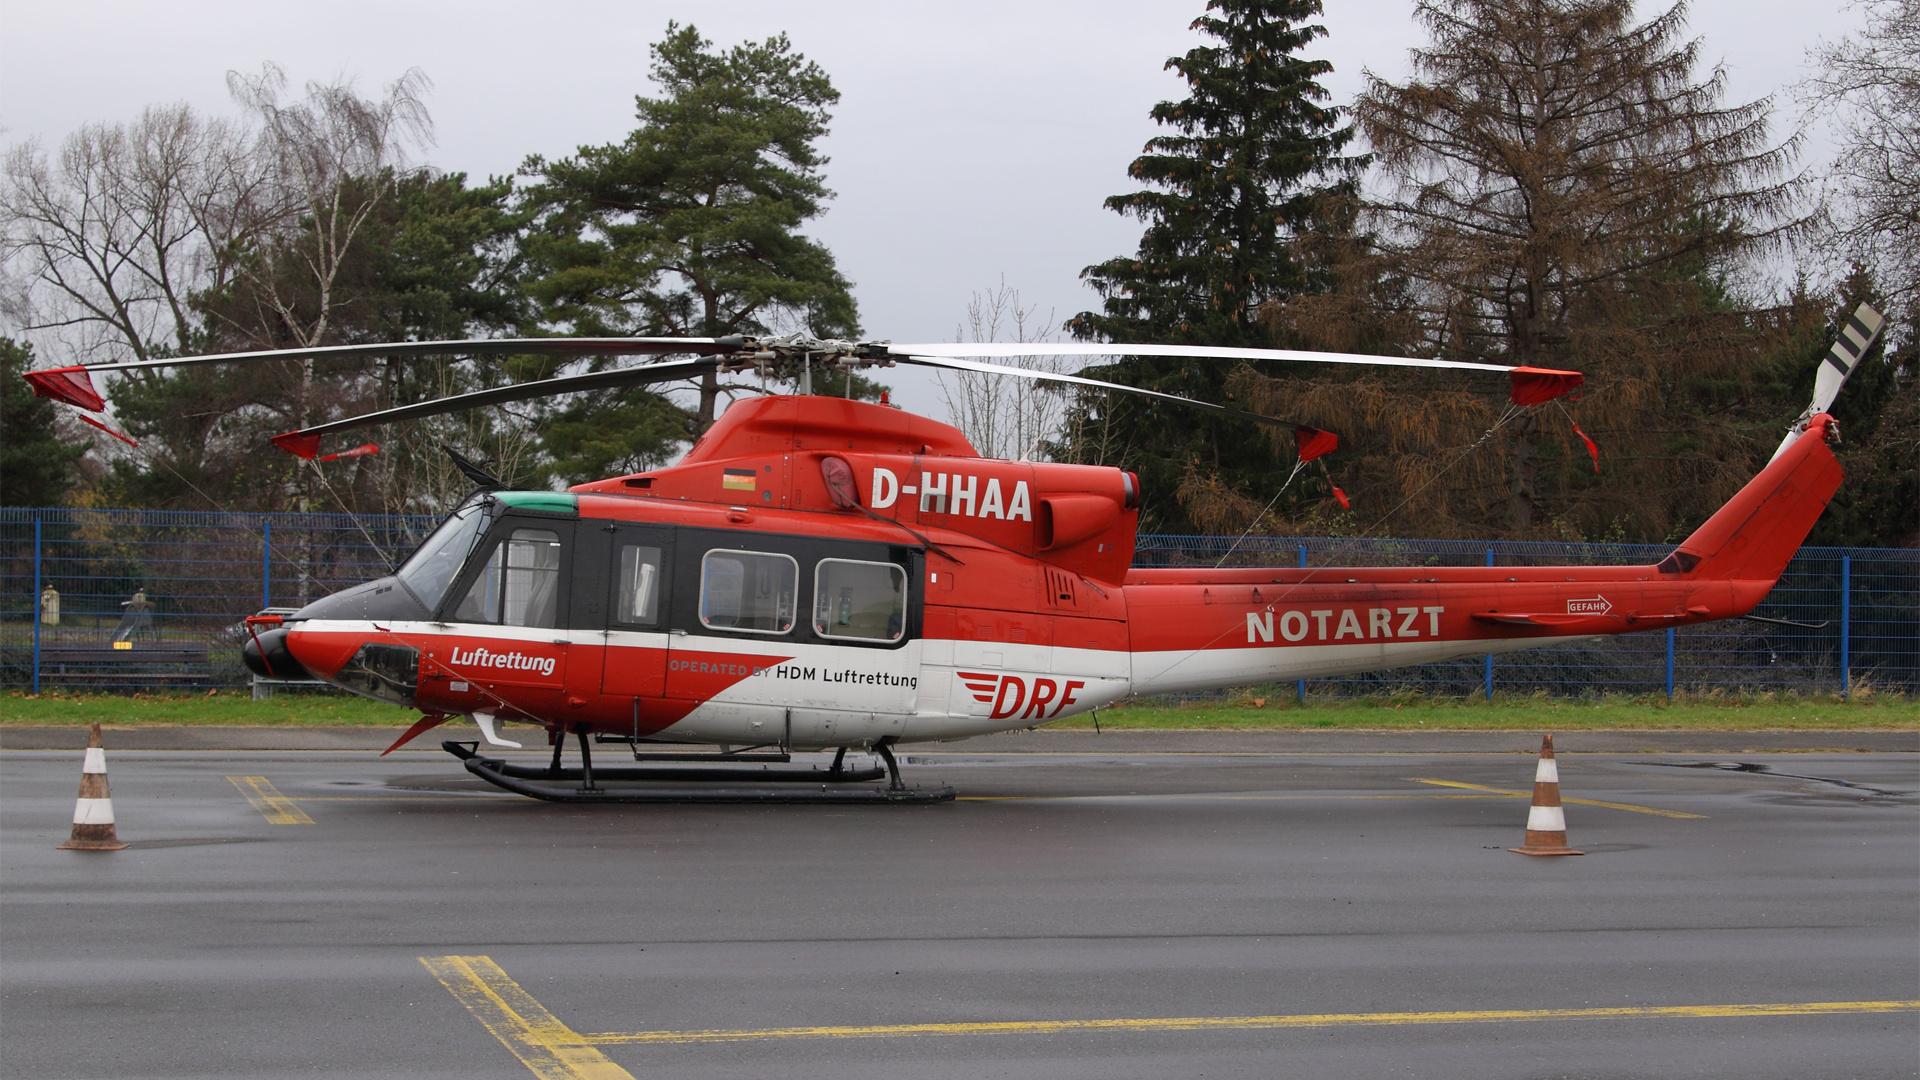 D-HHAA-2 BELL412 201112